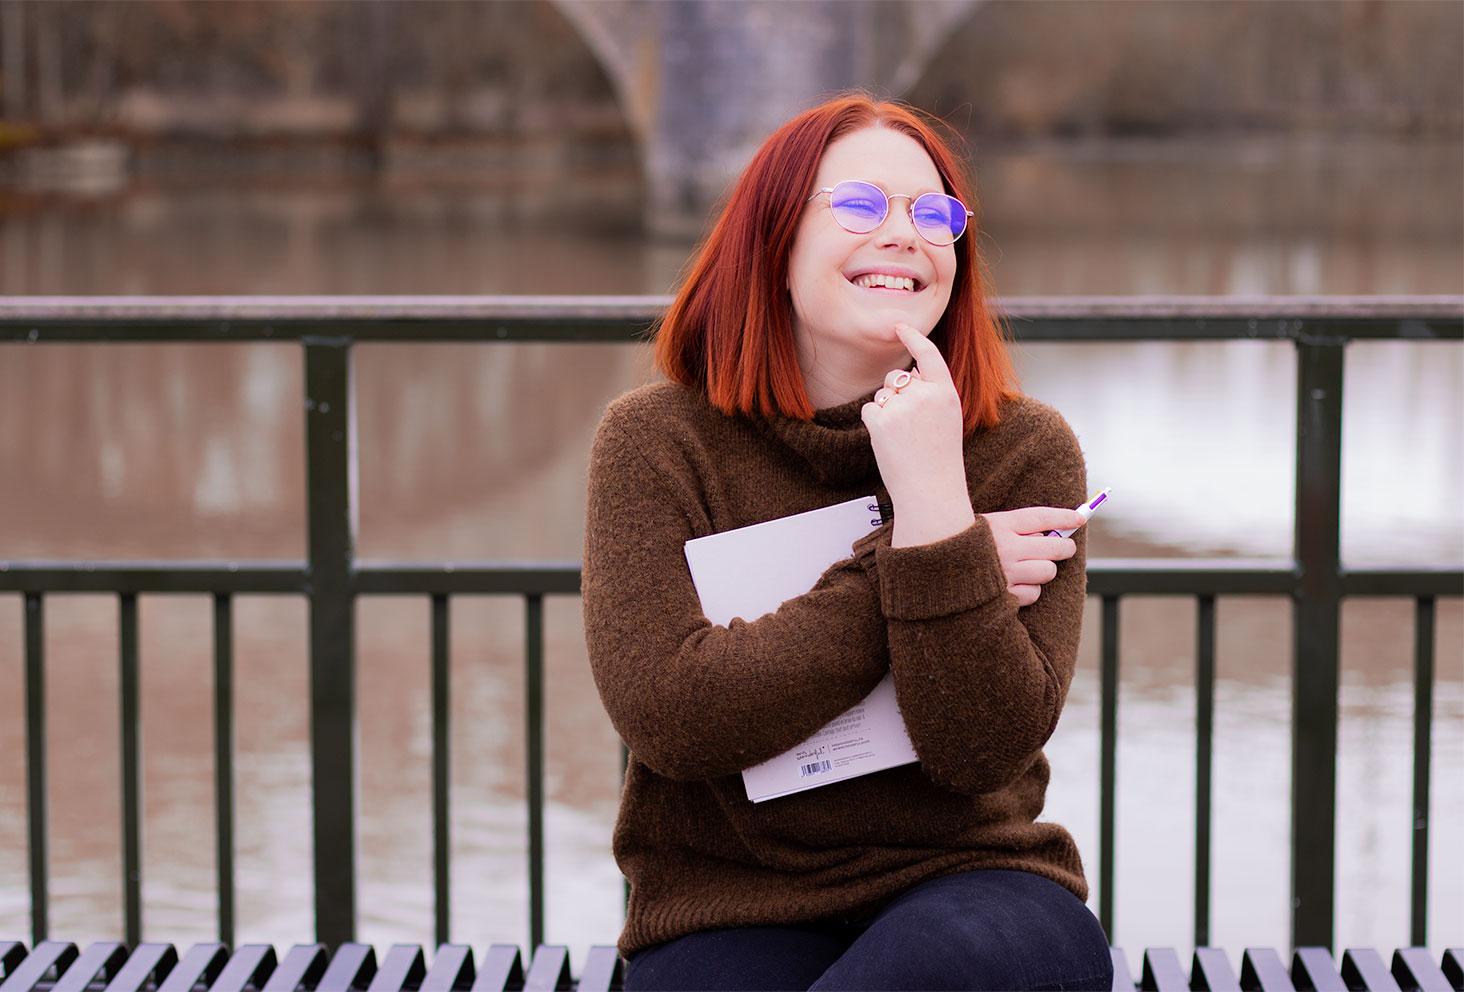 Assise sur un banc métallique face au Cher, avec un carnet entre les bras, la main sur le menton